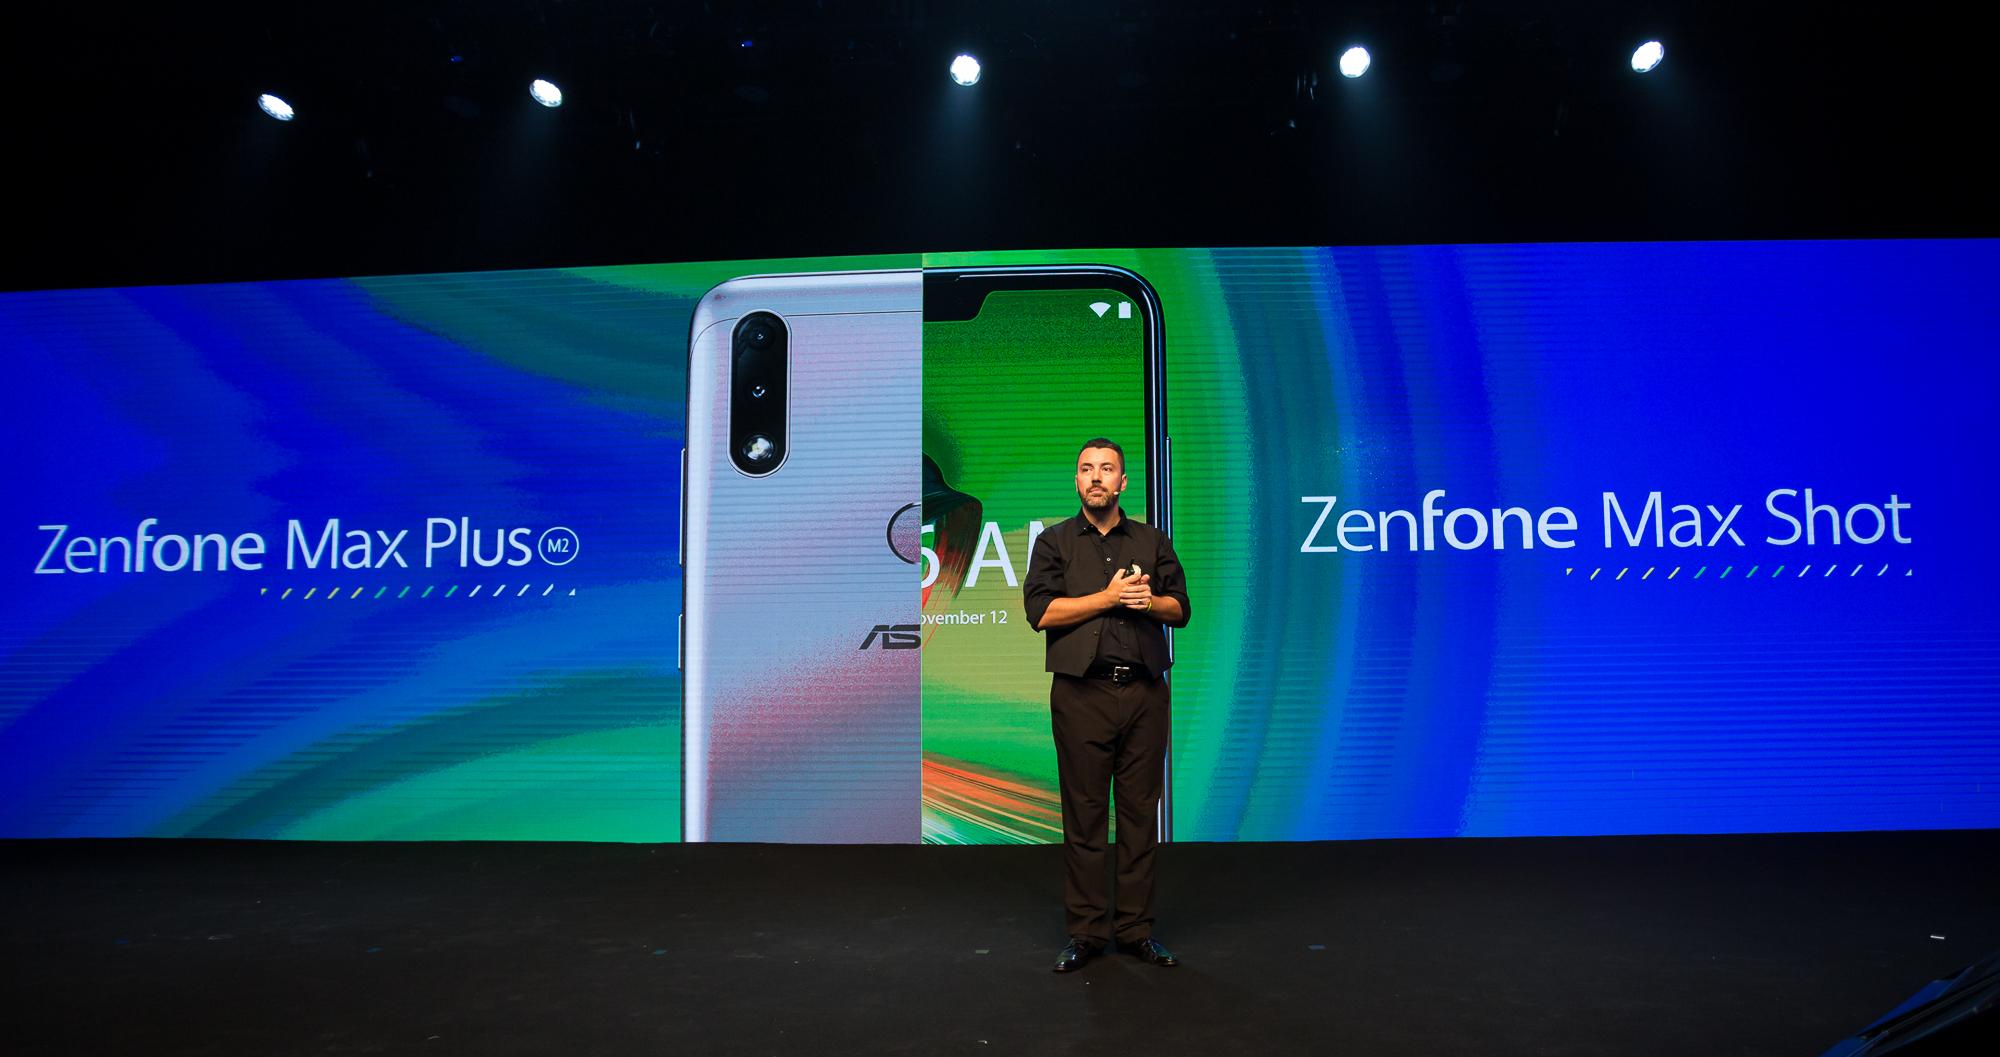 QSiP智慧型手機 ZenFone Max Shot。